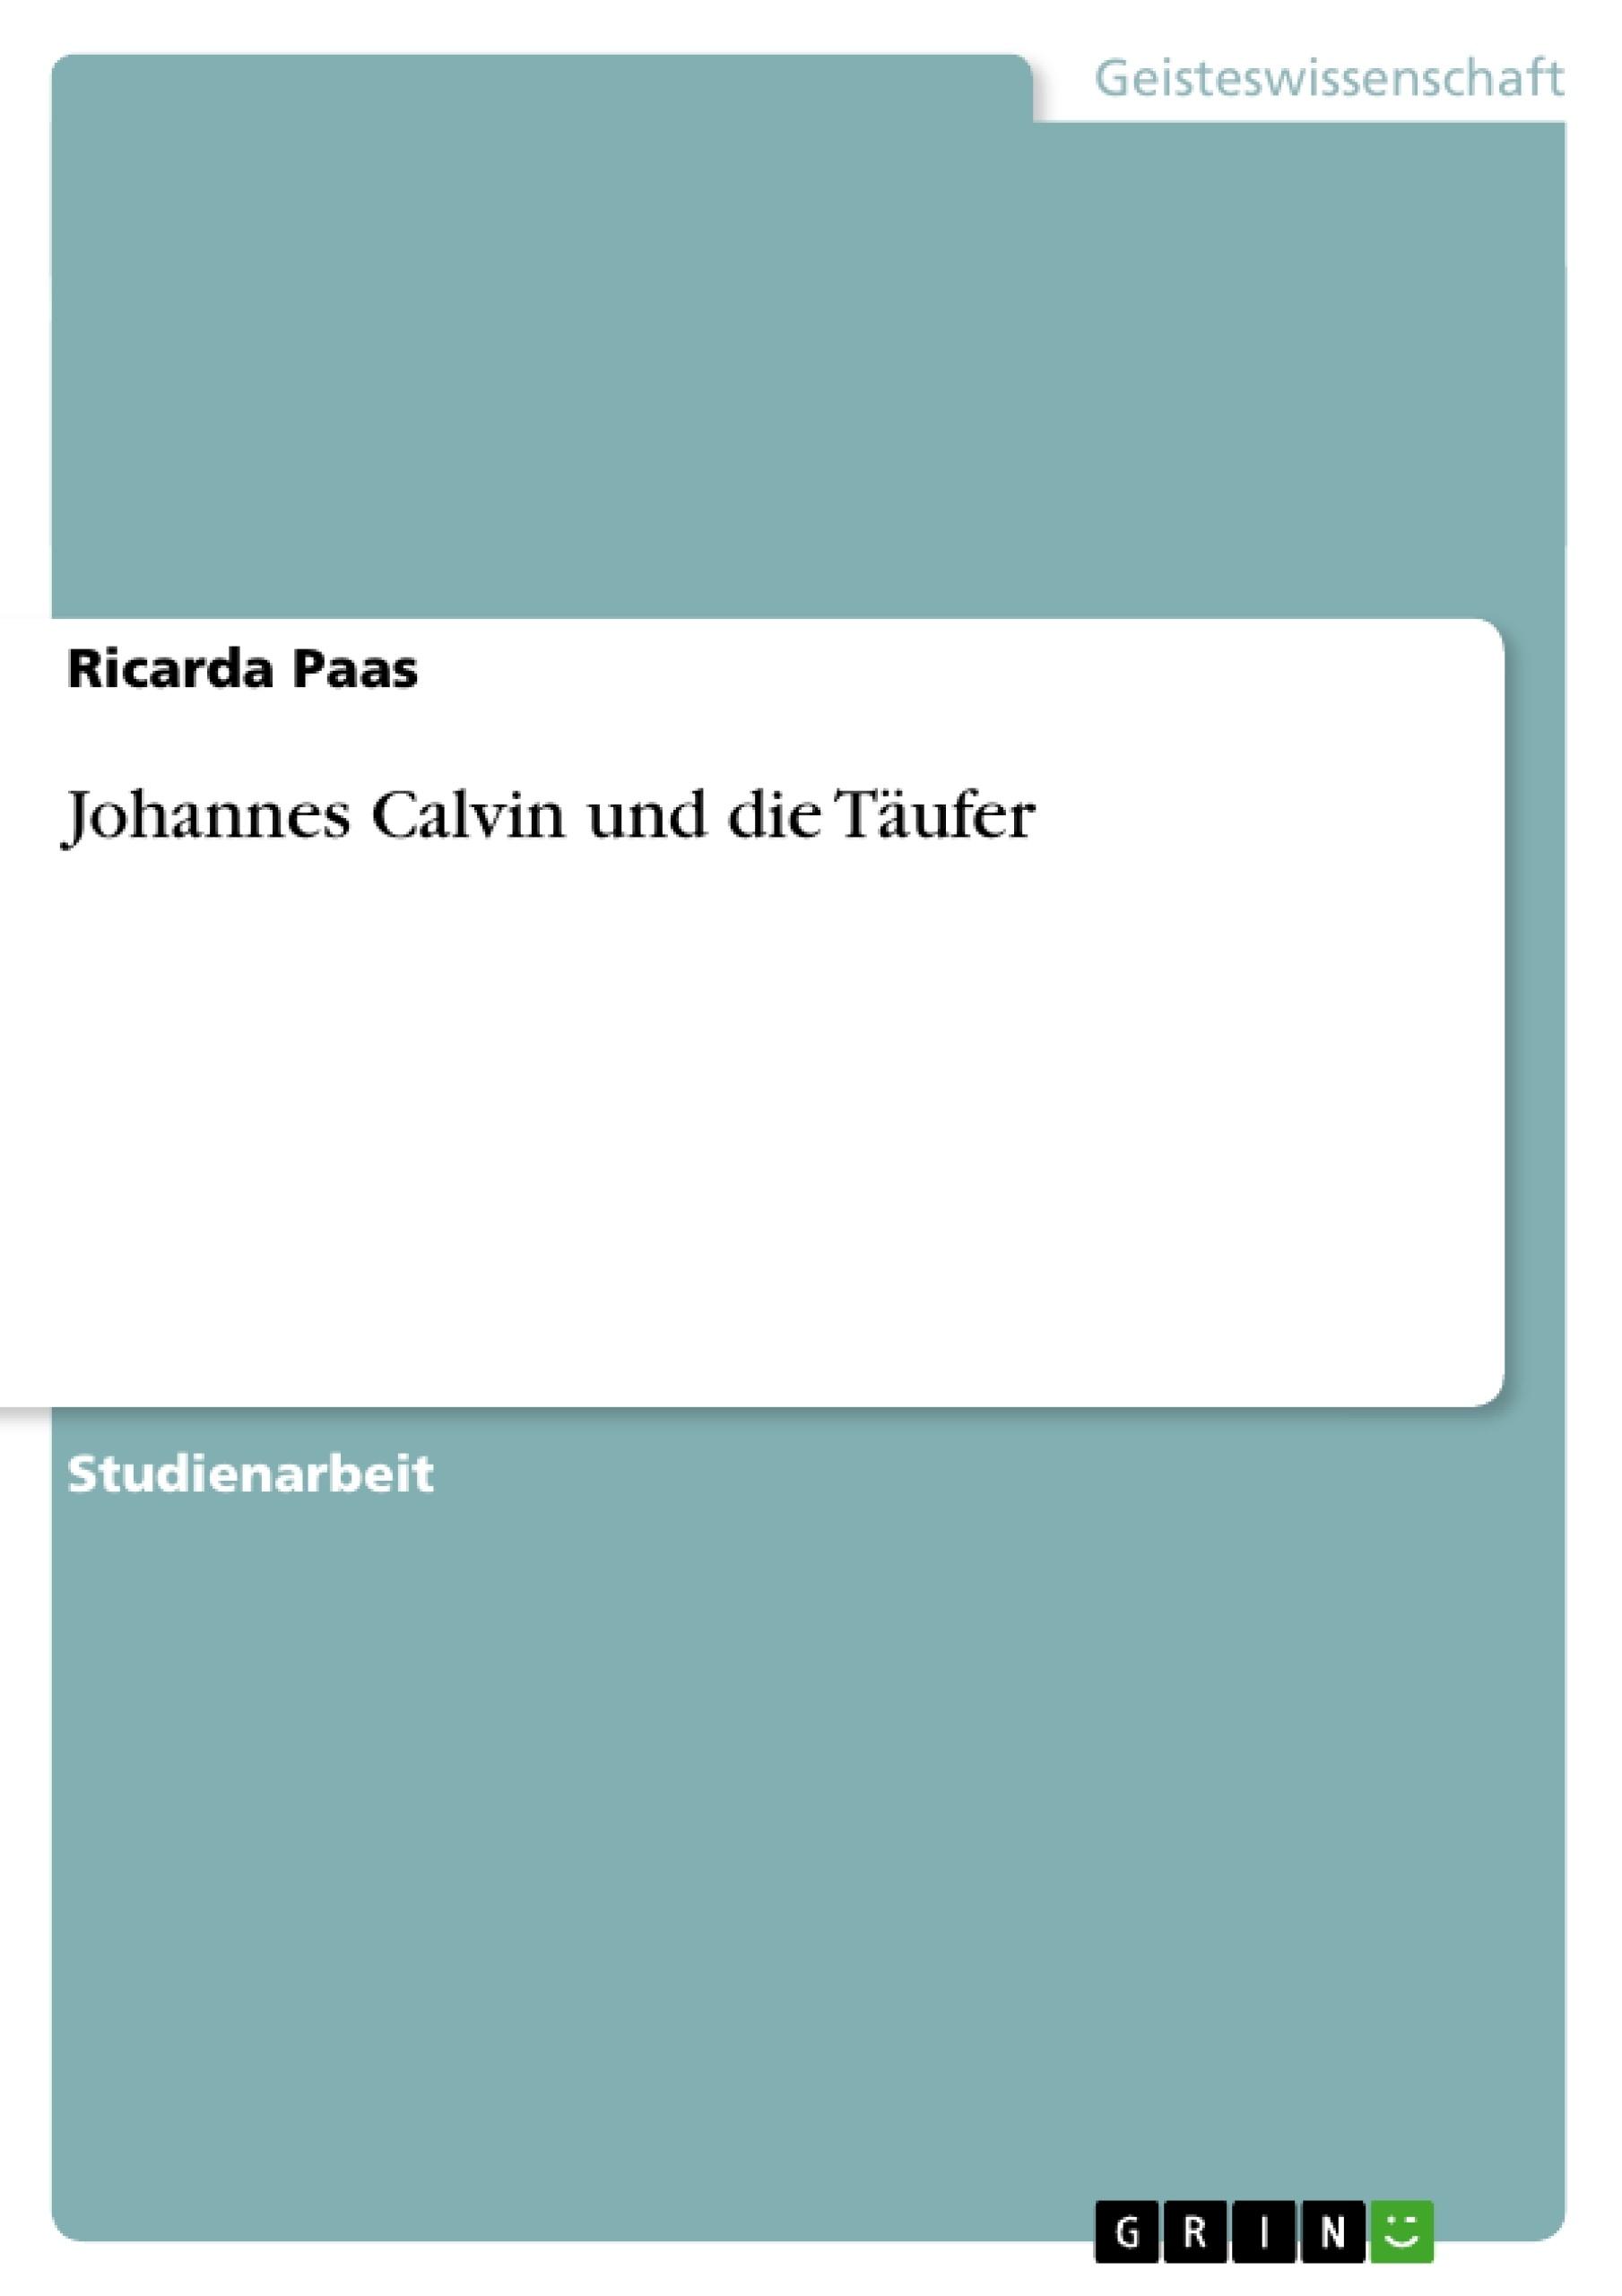 Titel: Johannes Calvin und die Täufer